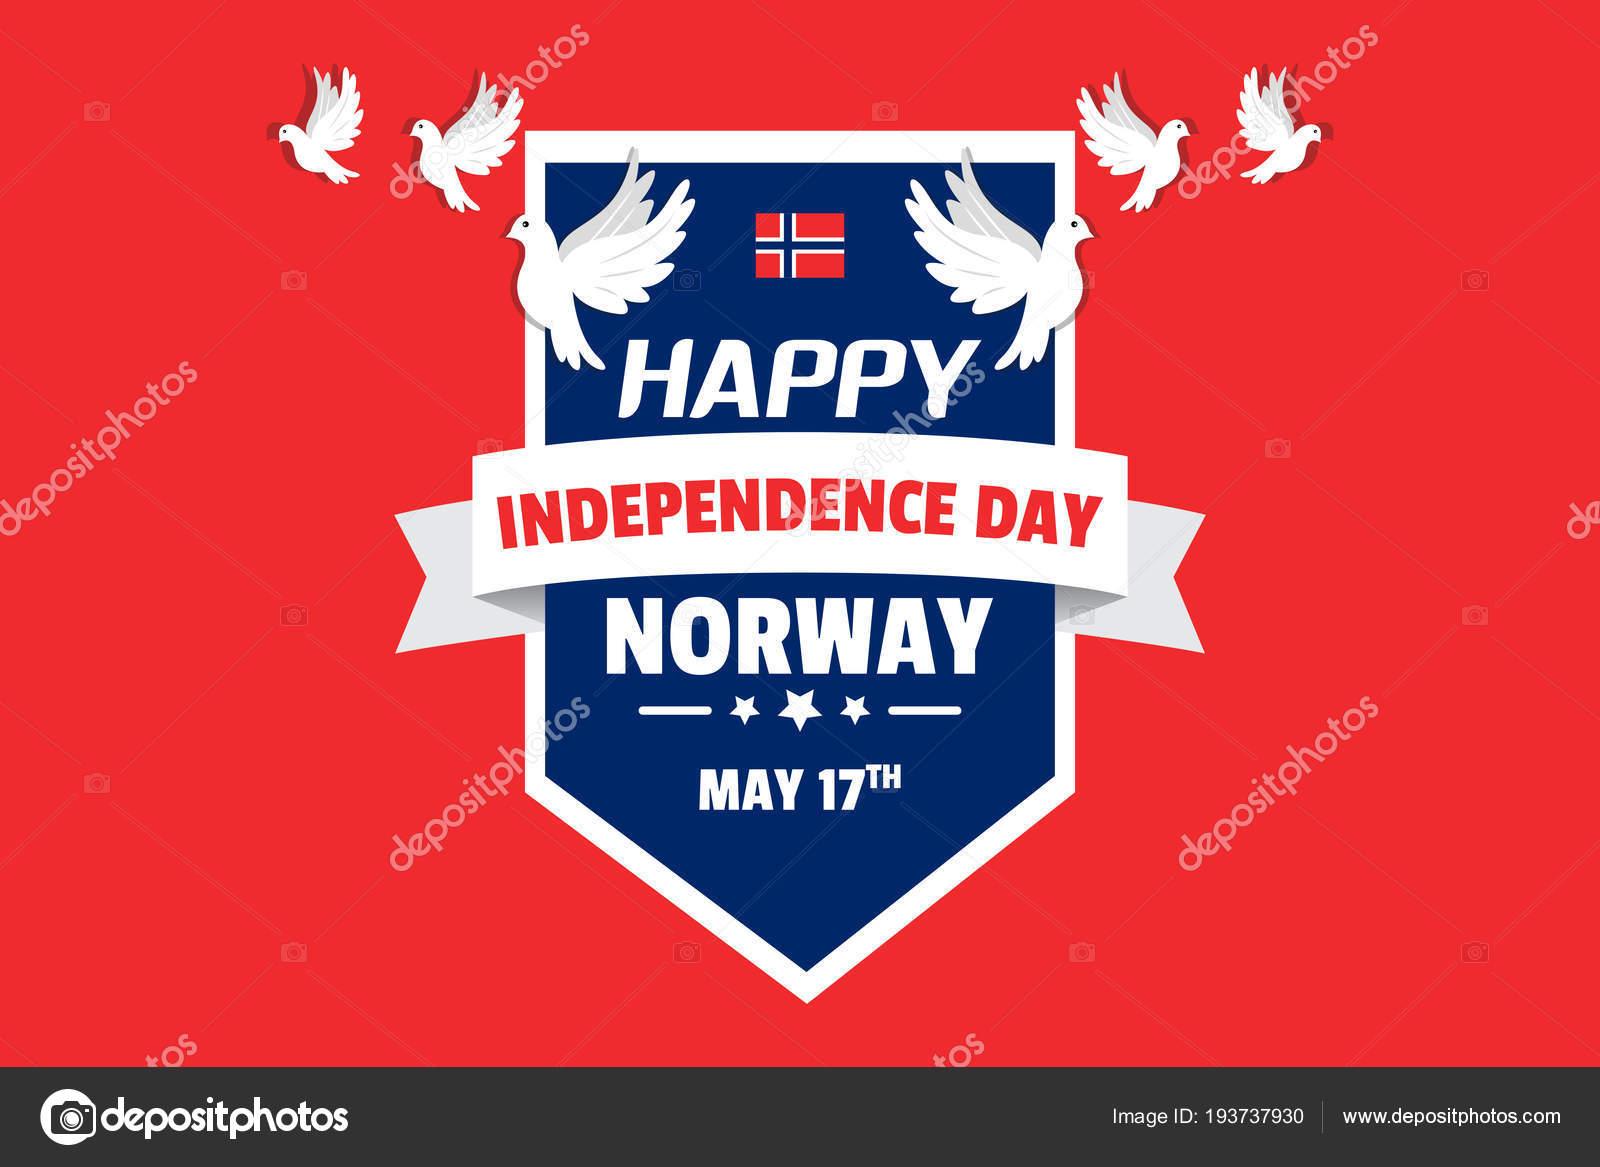 Disegno Giorno Indipendenza Norvegia Con Lettering Volo Colombe